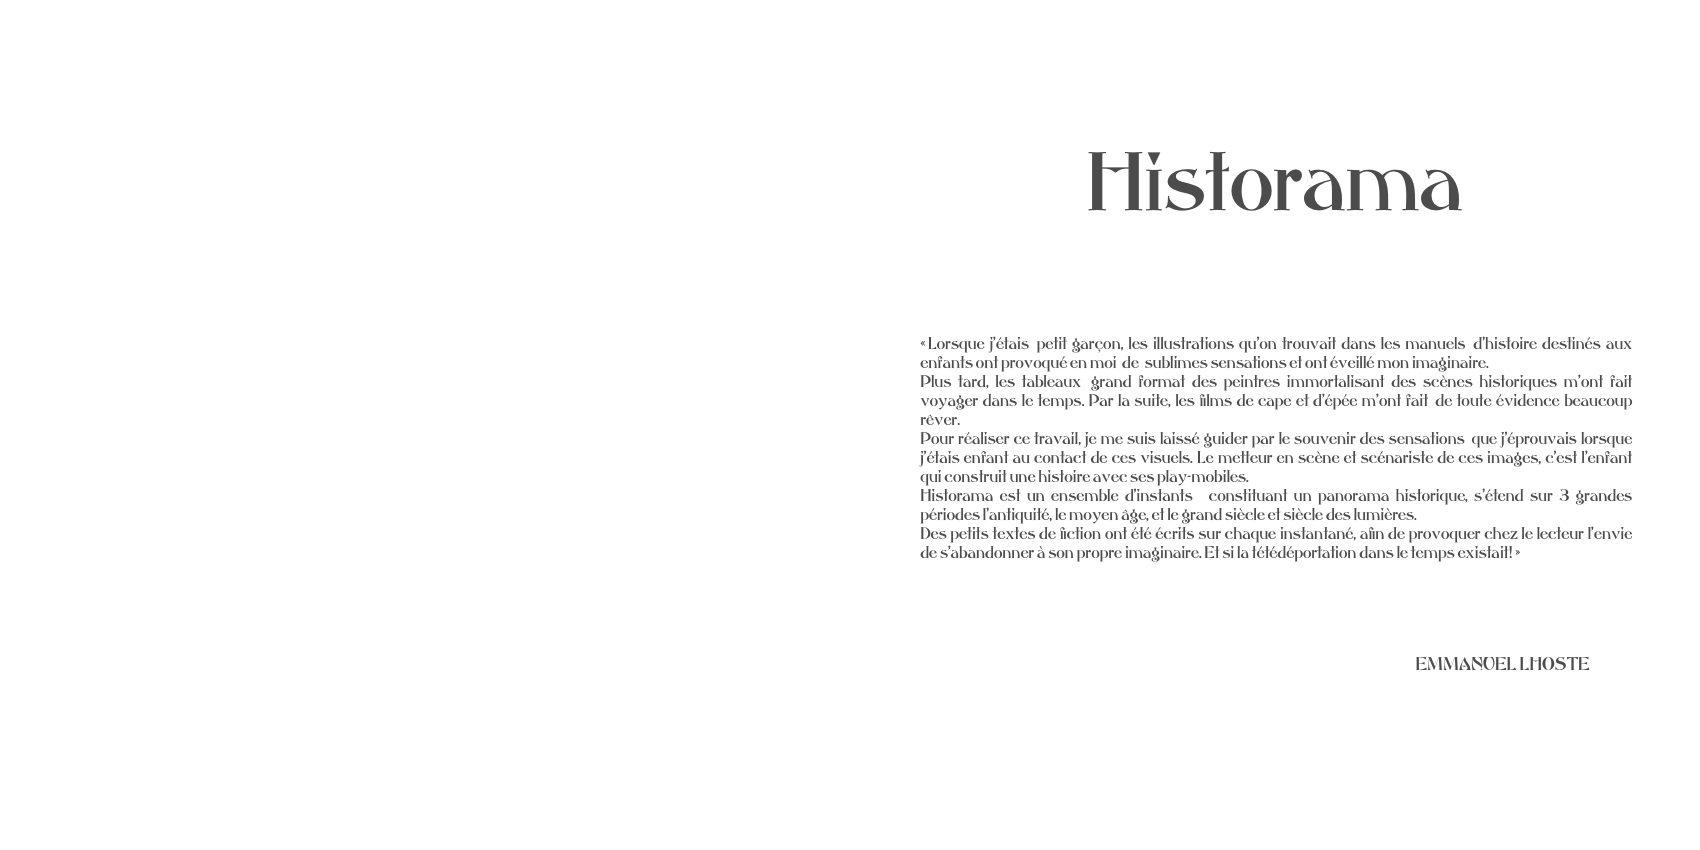 historama1